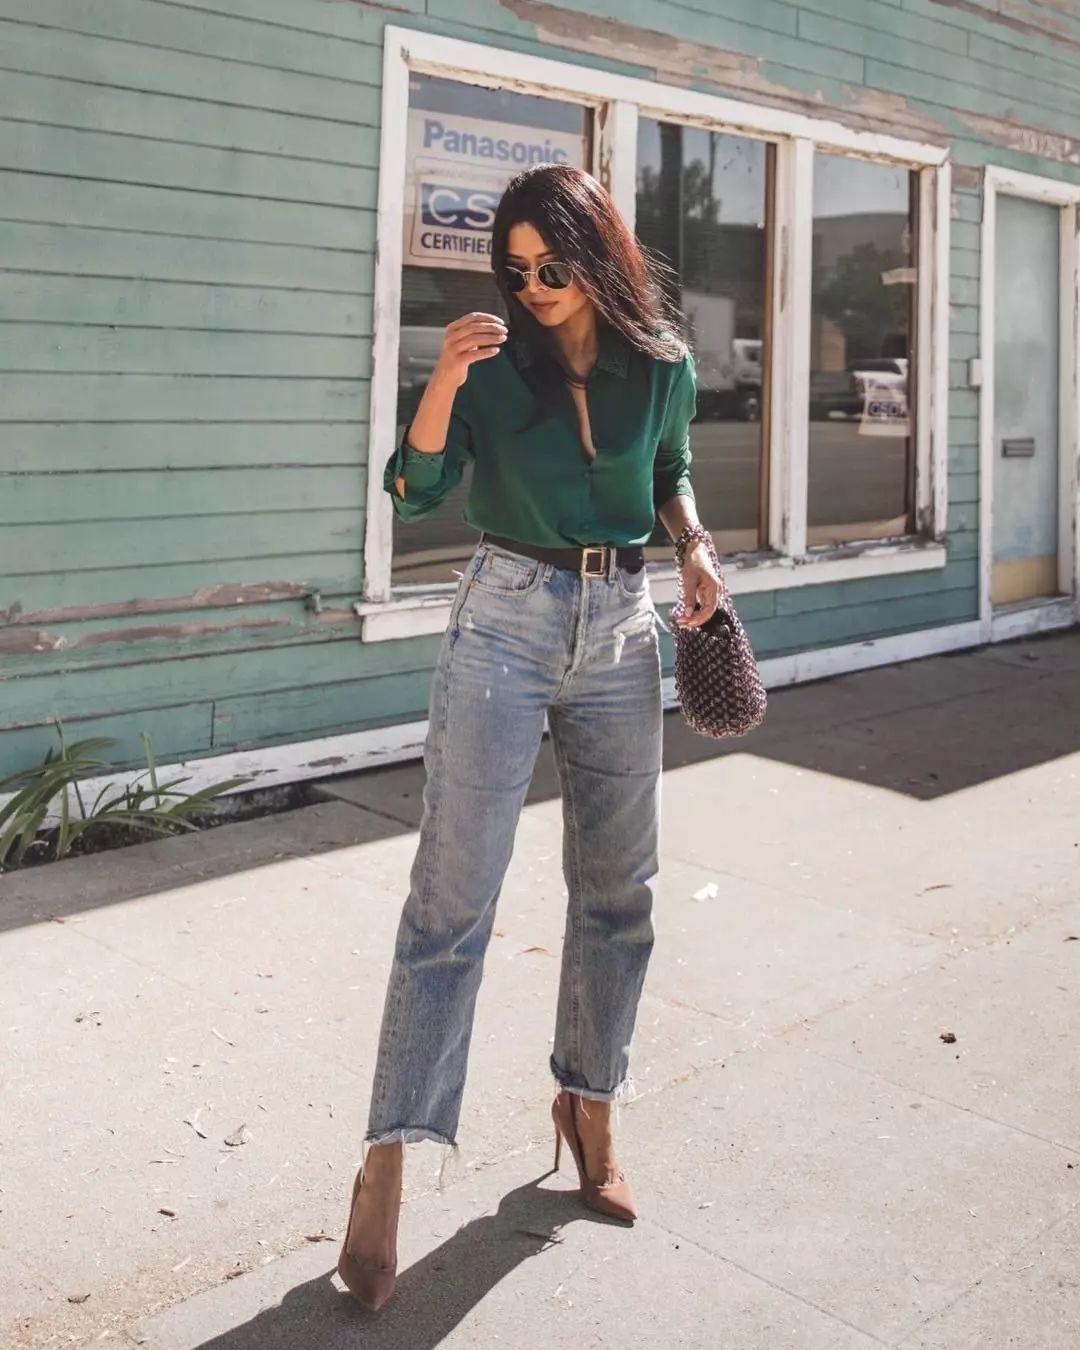 джинсы в офис фото 1